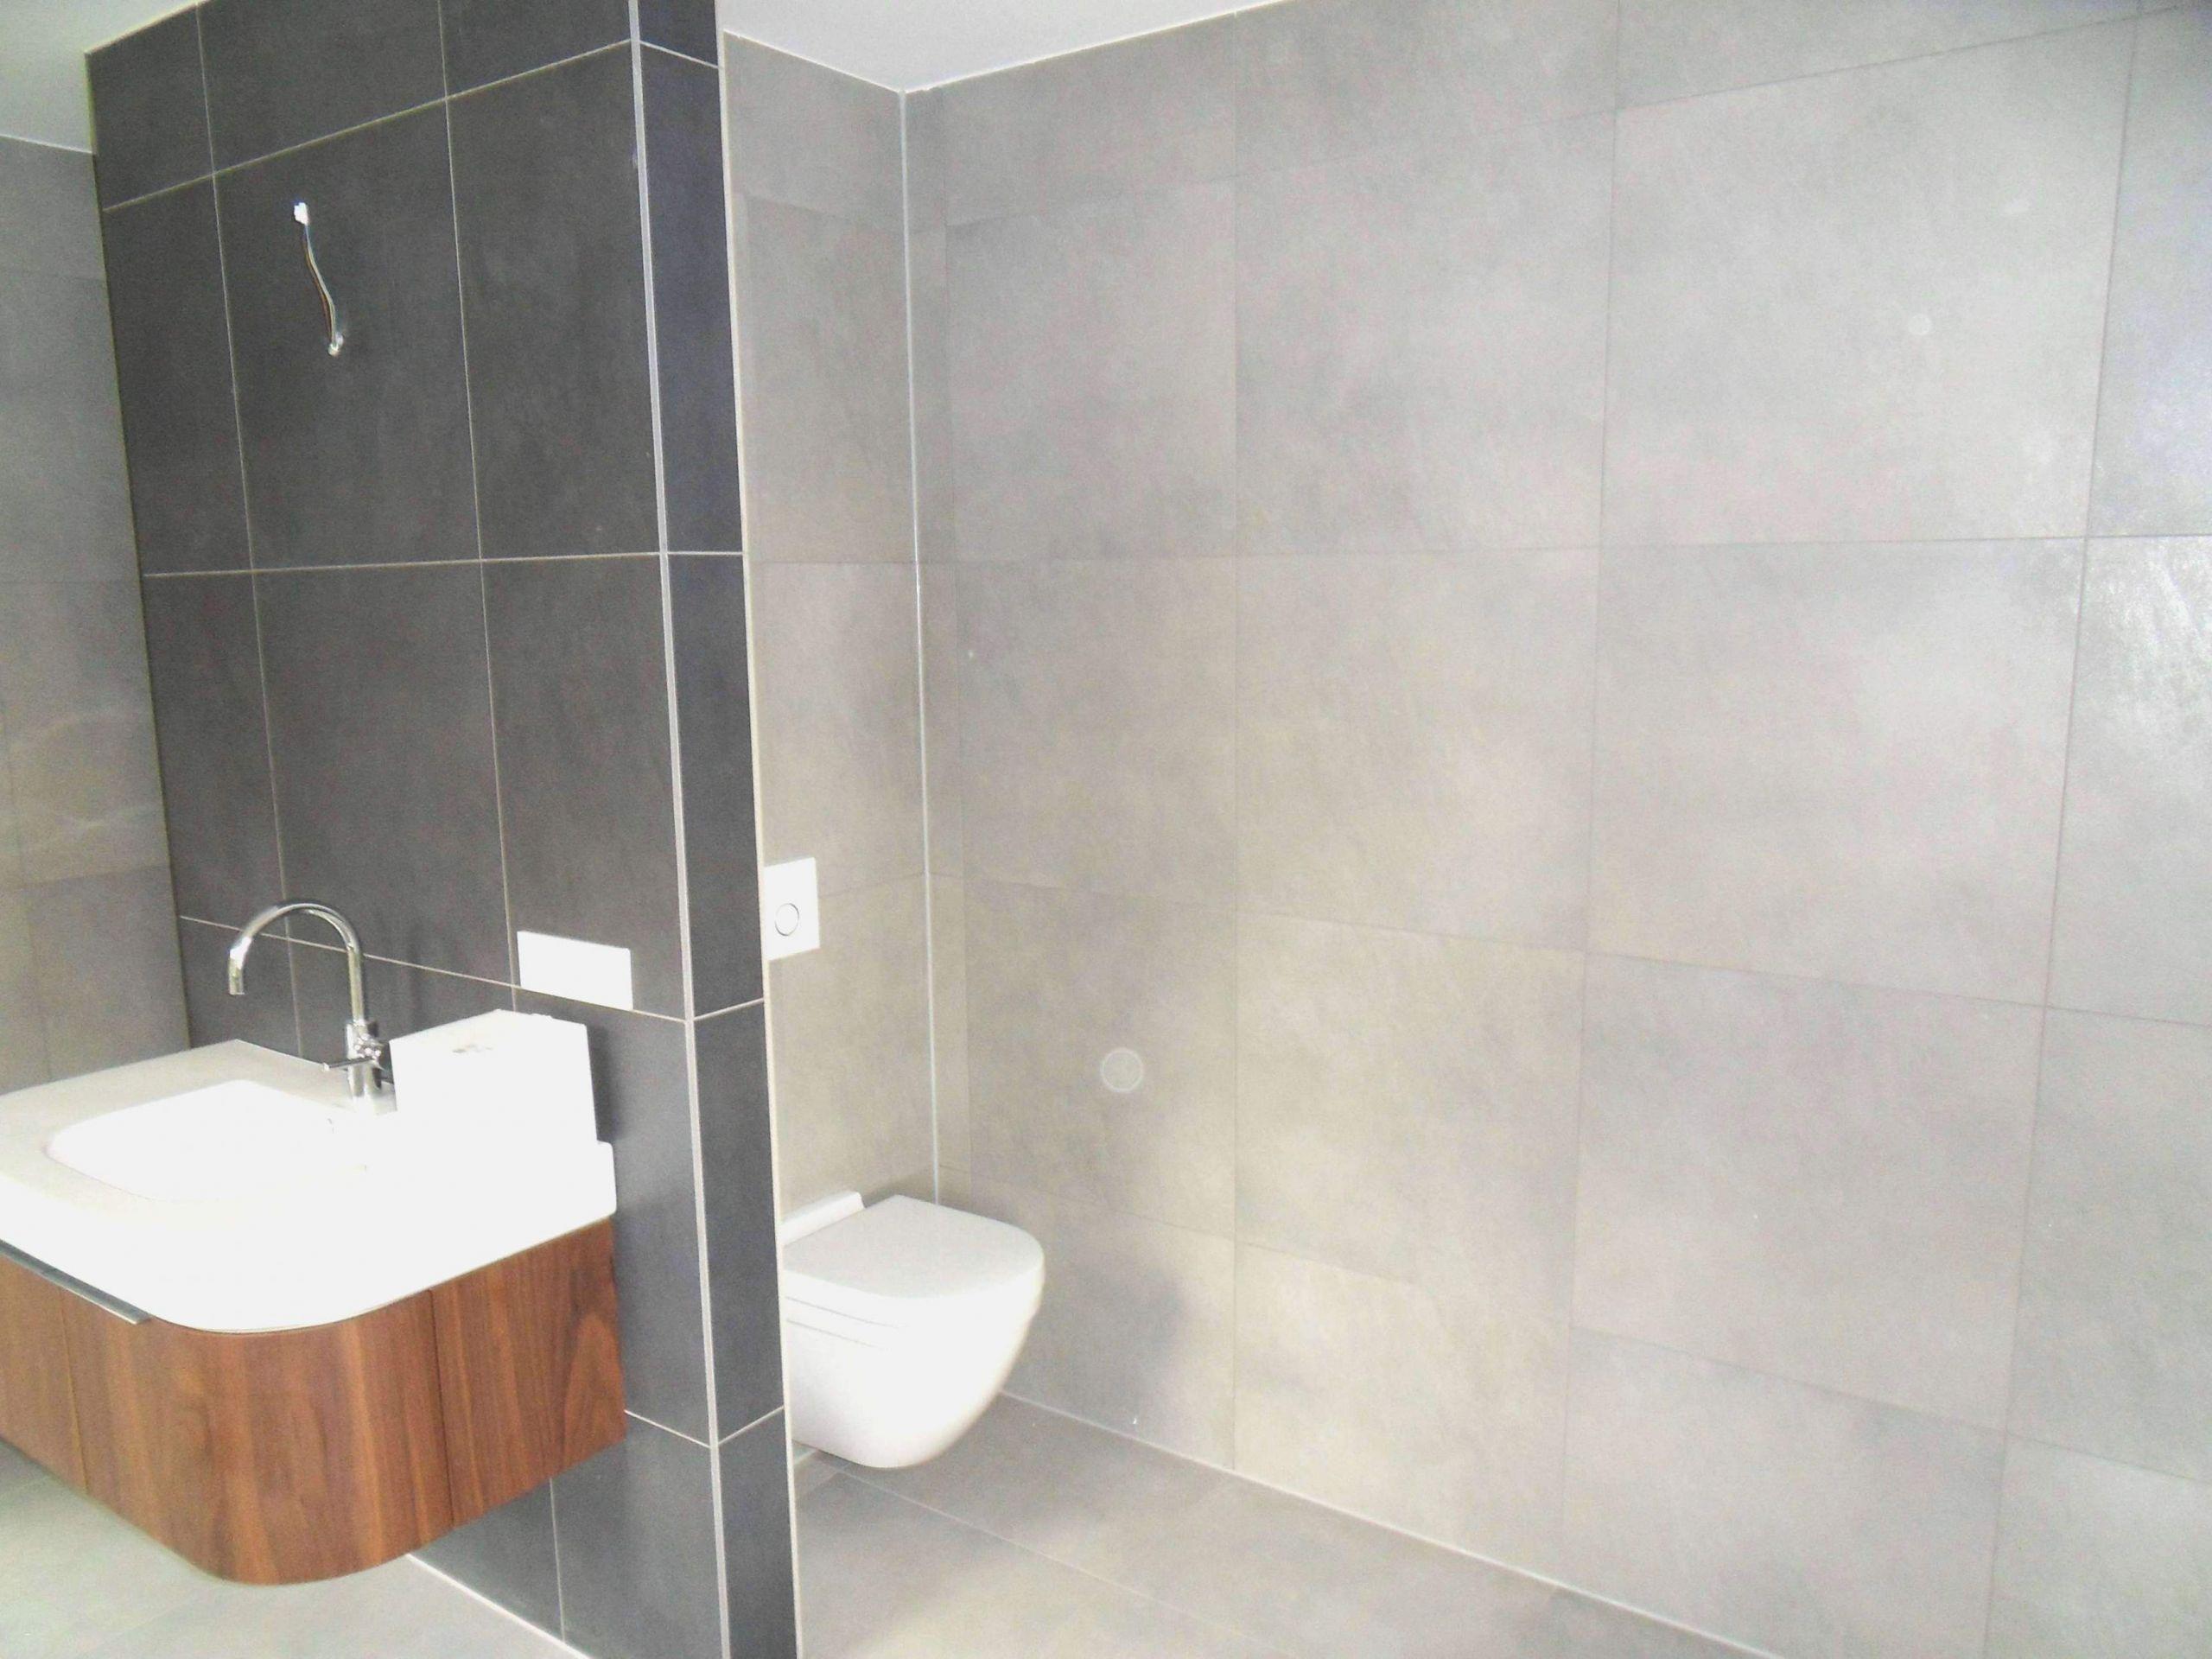 48 luxus beleuchtung dusche japanische badewanne kaufen japanische badewanne kaufen 1